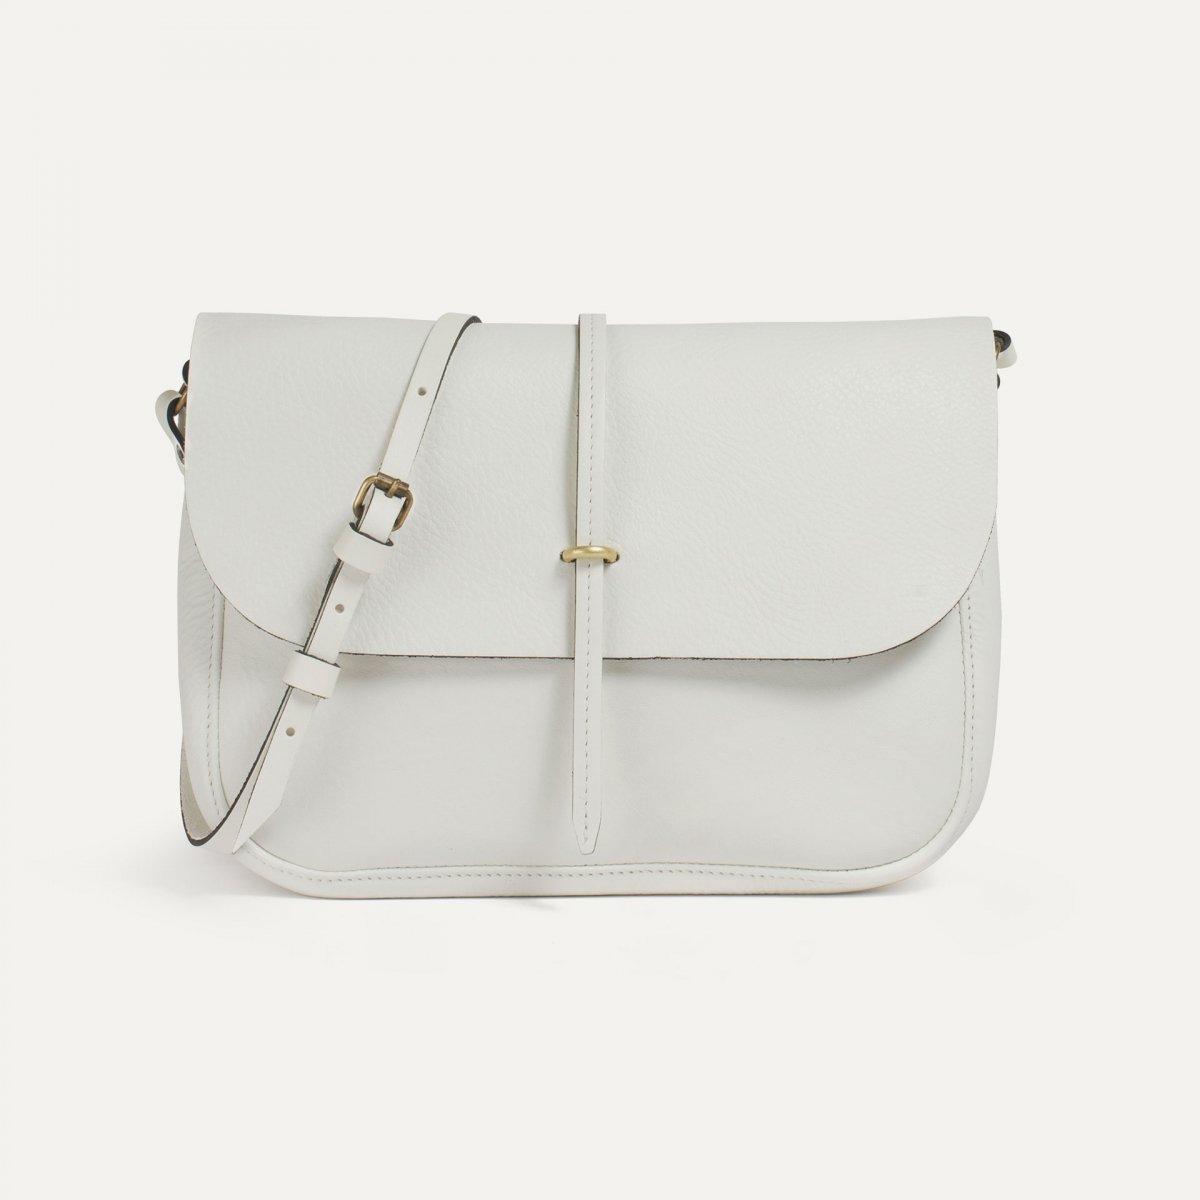 Pastel handbag - White (image n°1)